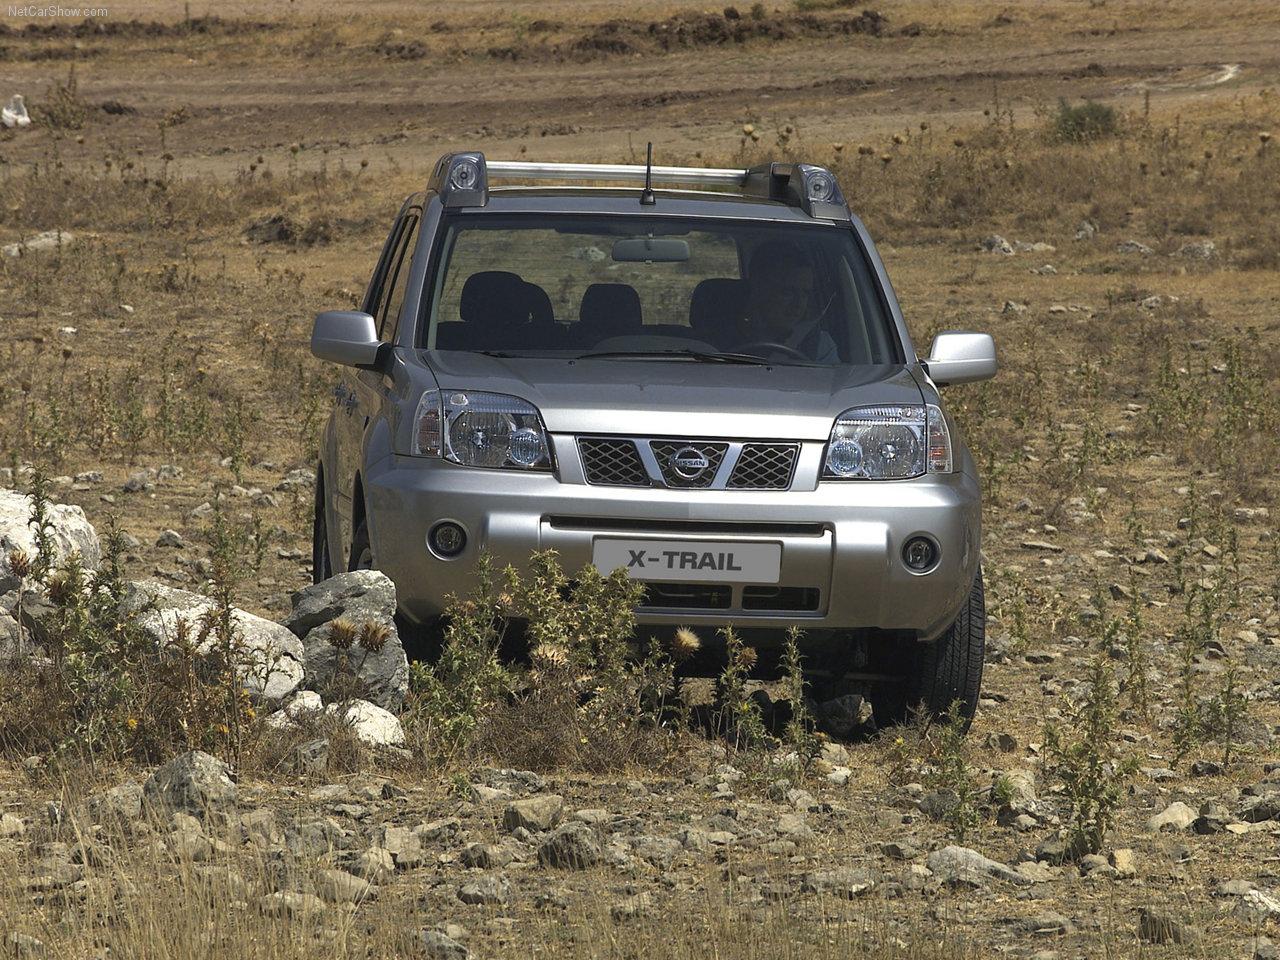 http://4.bp.blogspot.com/-1meF5vBG0c4/TXot919gE6I/AAAAAAAAFSQ/frCx6LiNdb0/s1600/Nissan-X-Trail_2004_1280x960_wallpaper_01.jpg